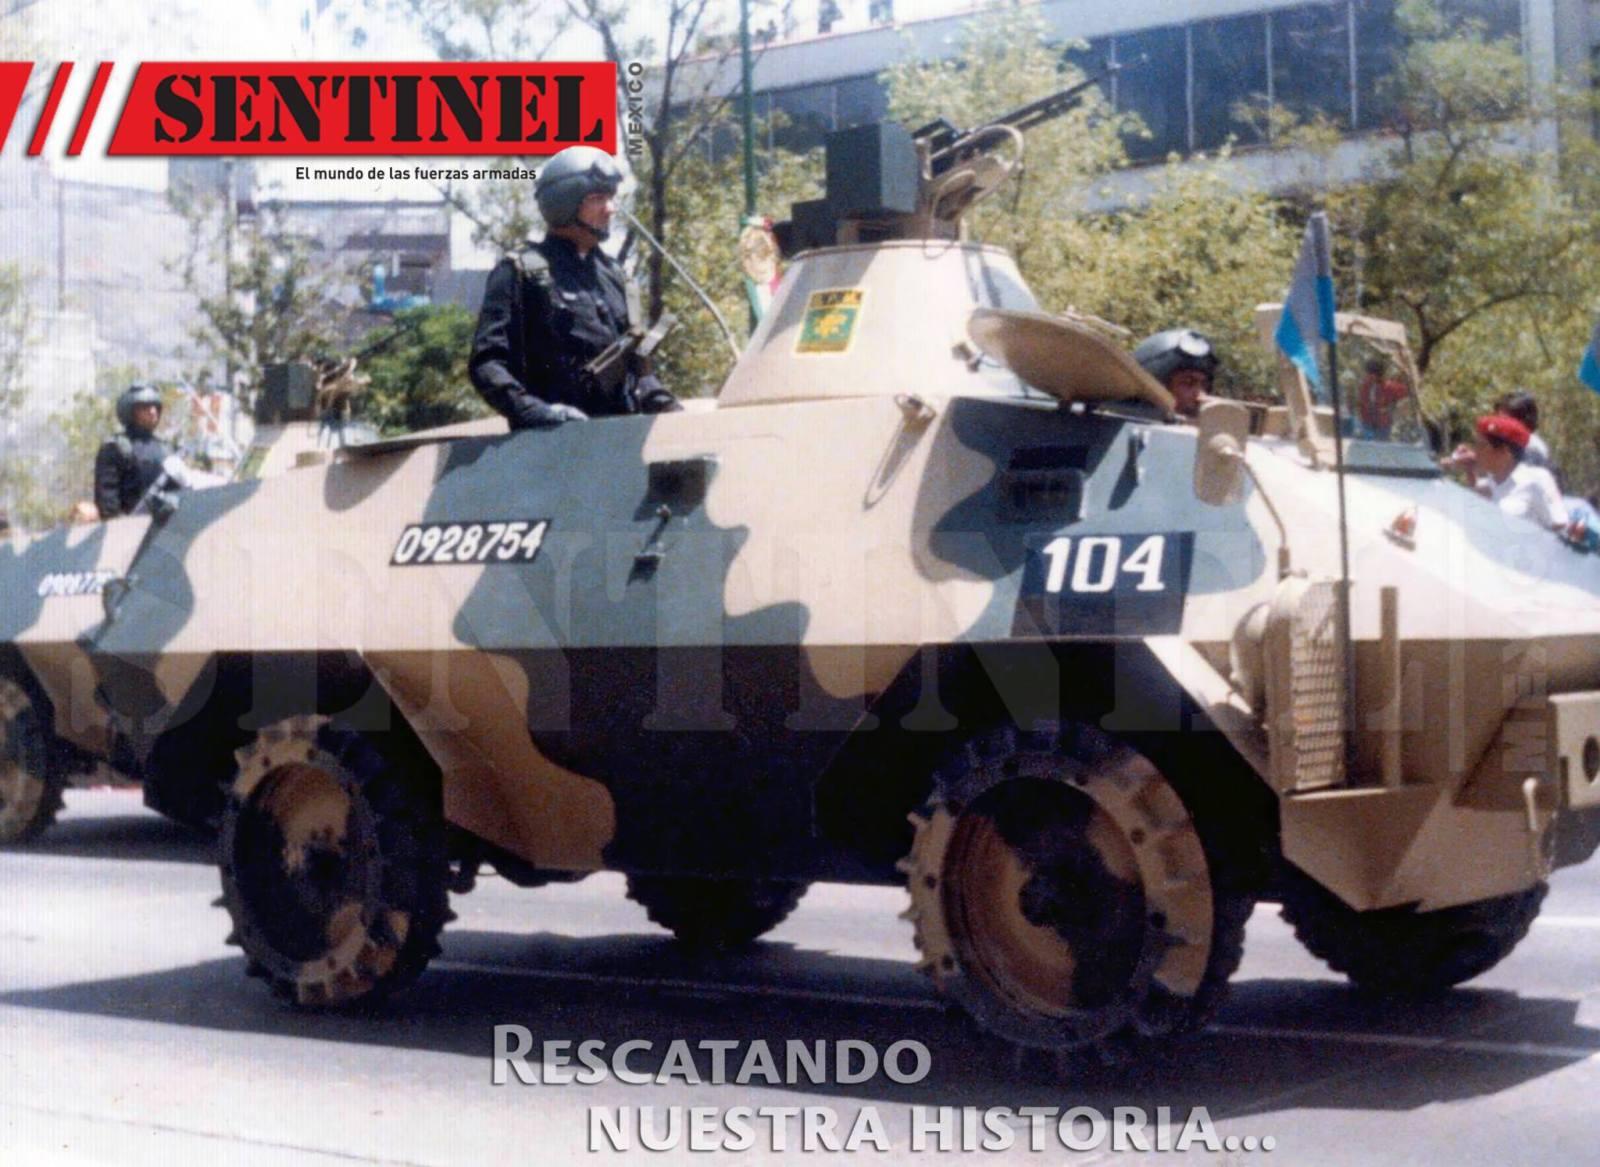 fotos vintage de las Fuerzas armadas mexicanas - Página 6 2nar12v